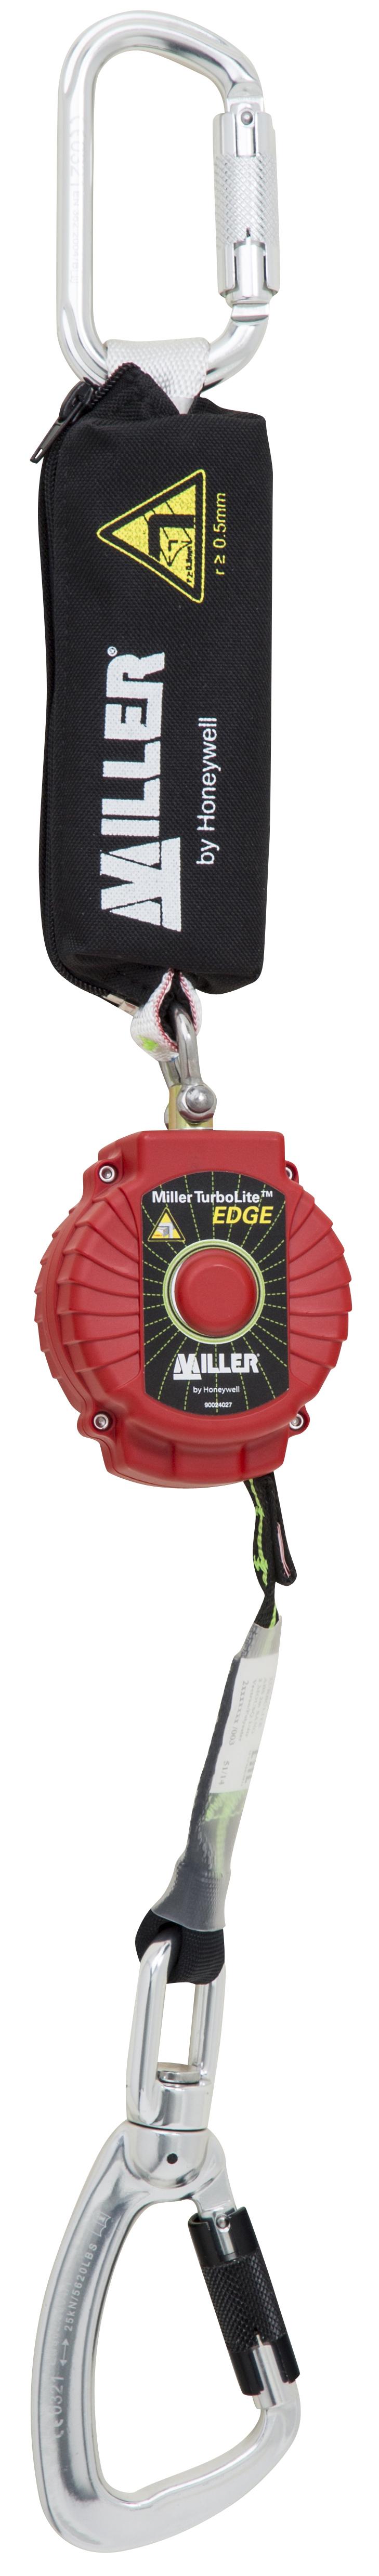 Honeywell Miller Fallbegrenzer Turbolite Edge 1,80 m